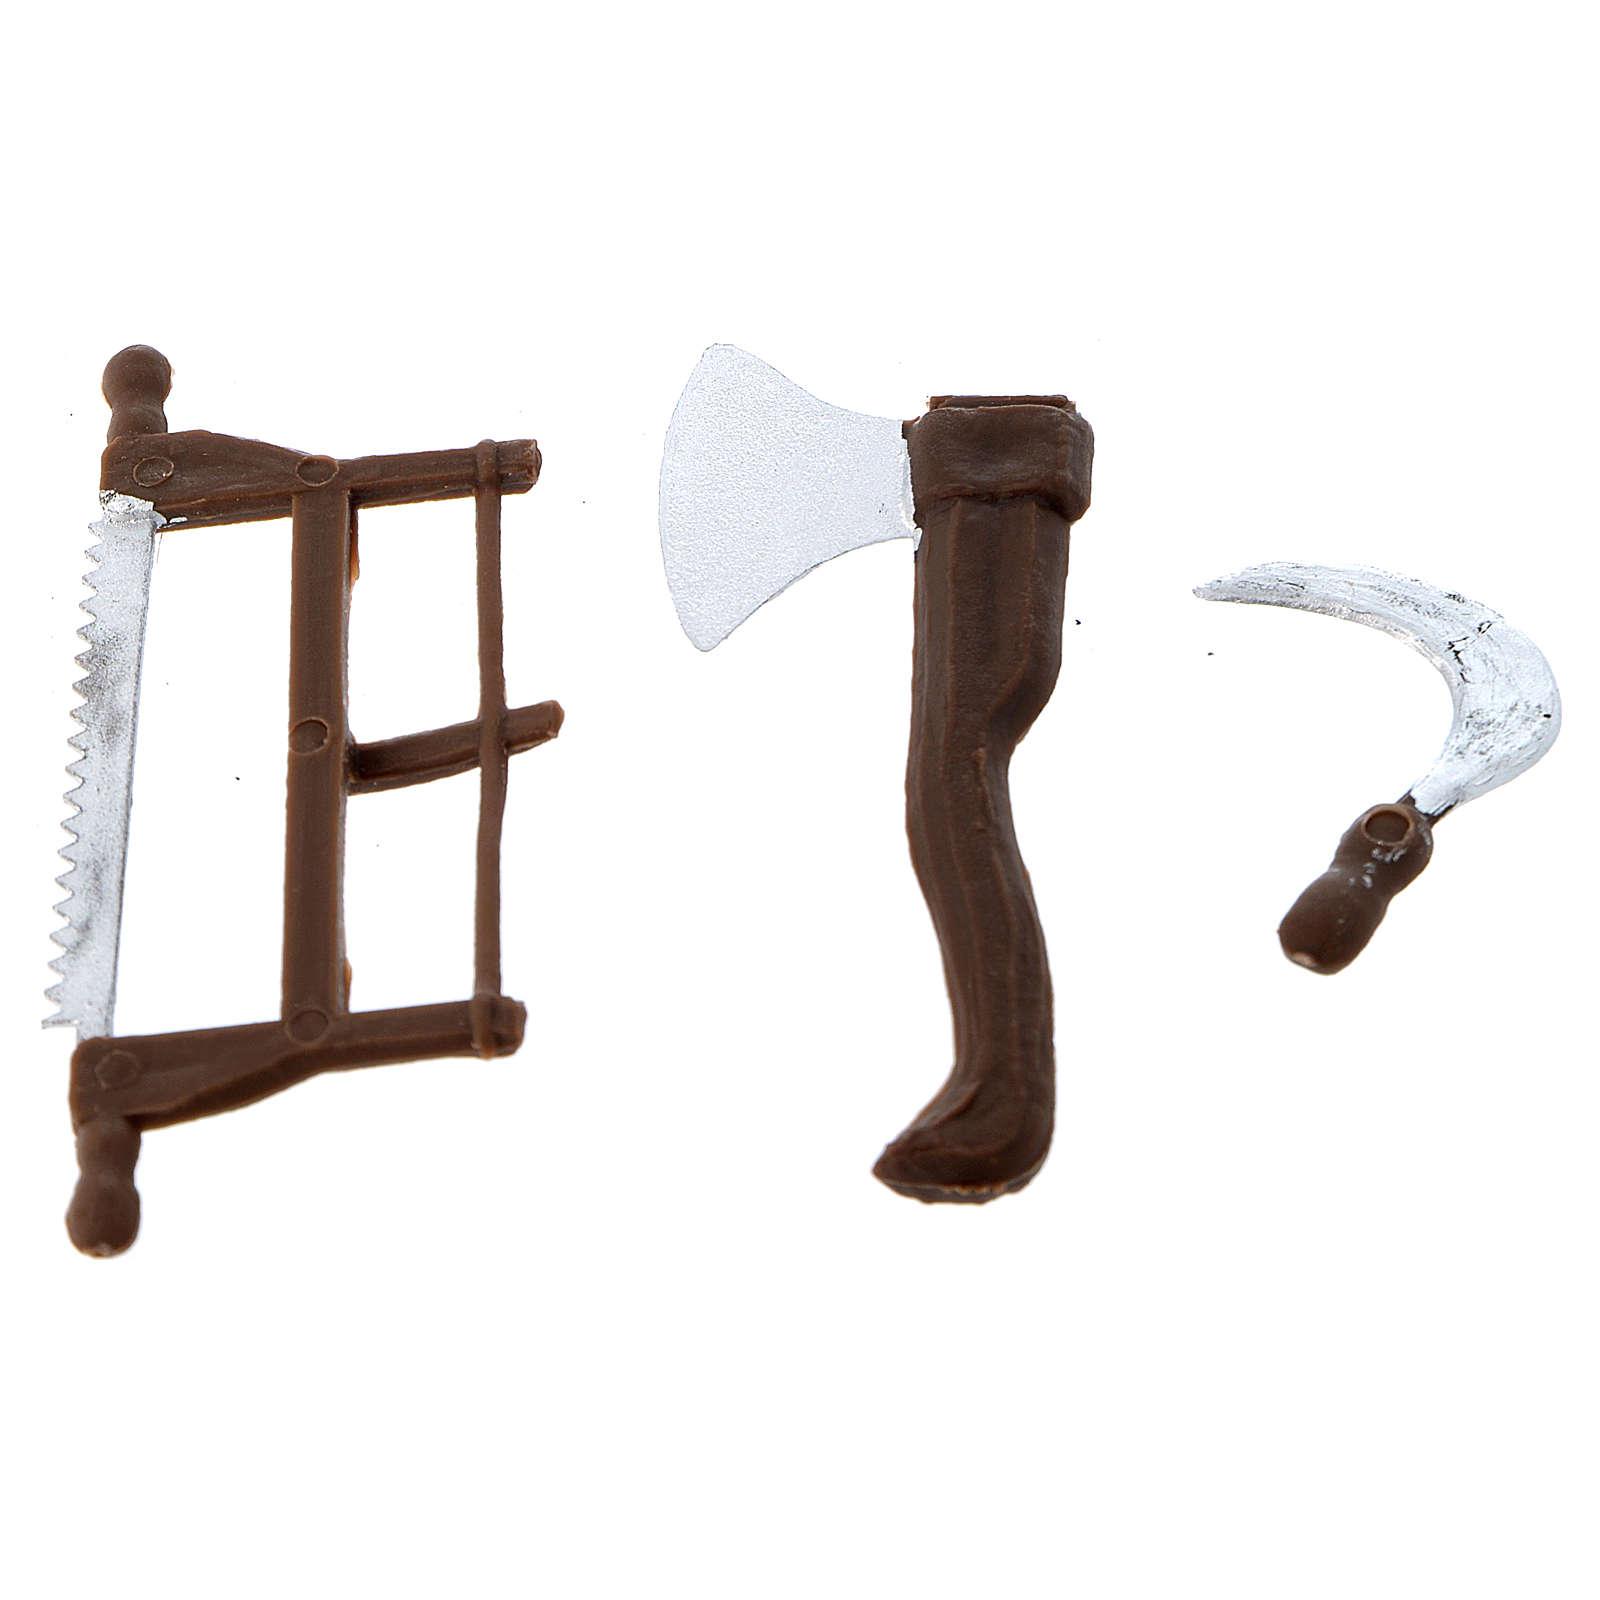 Nativity set accessory, farmer tools 4